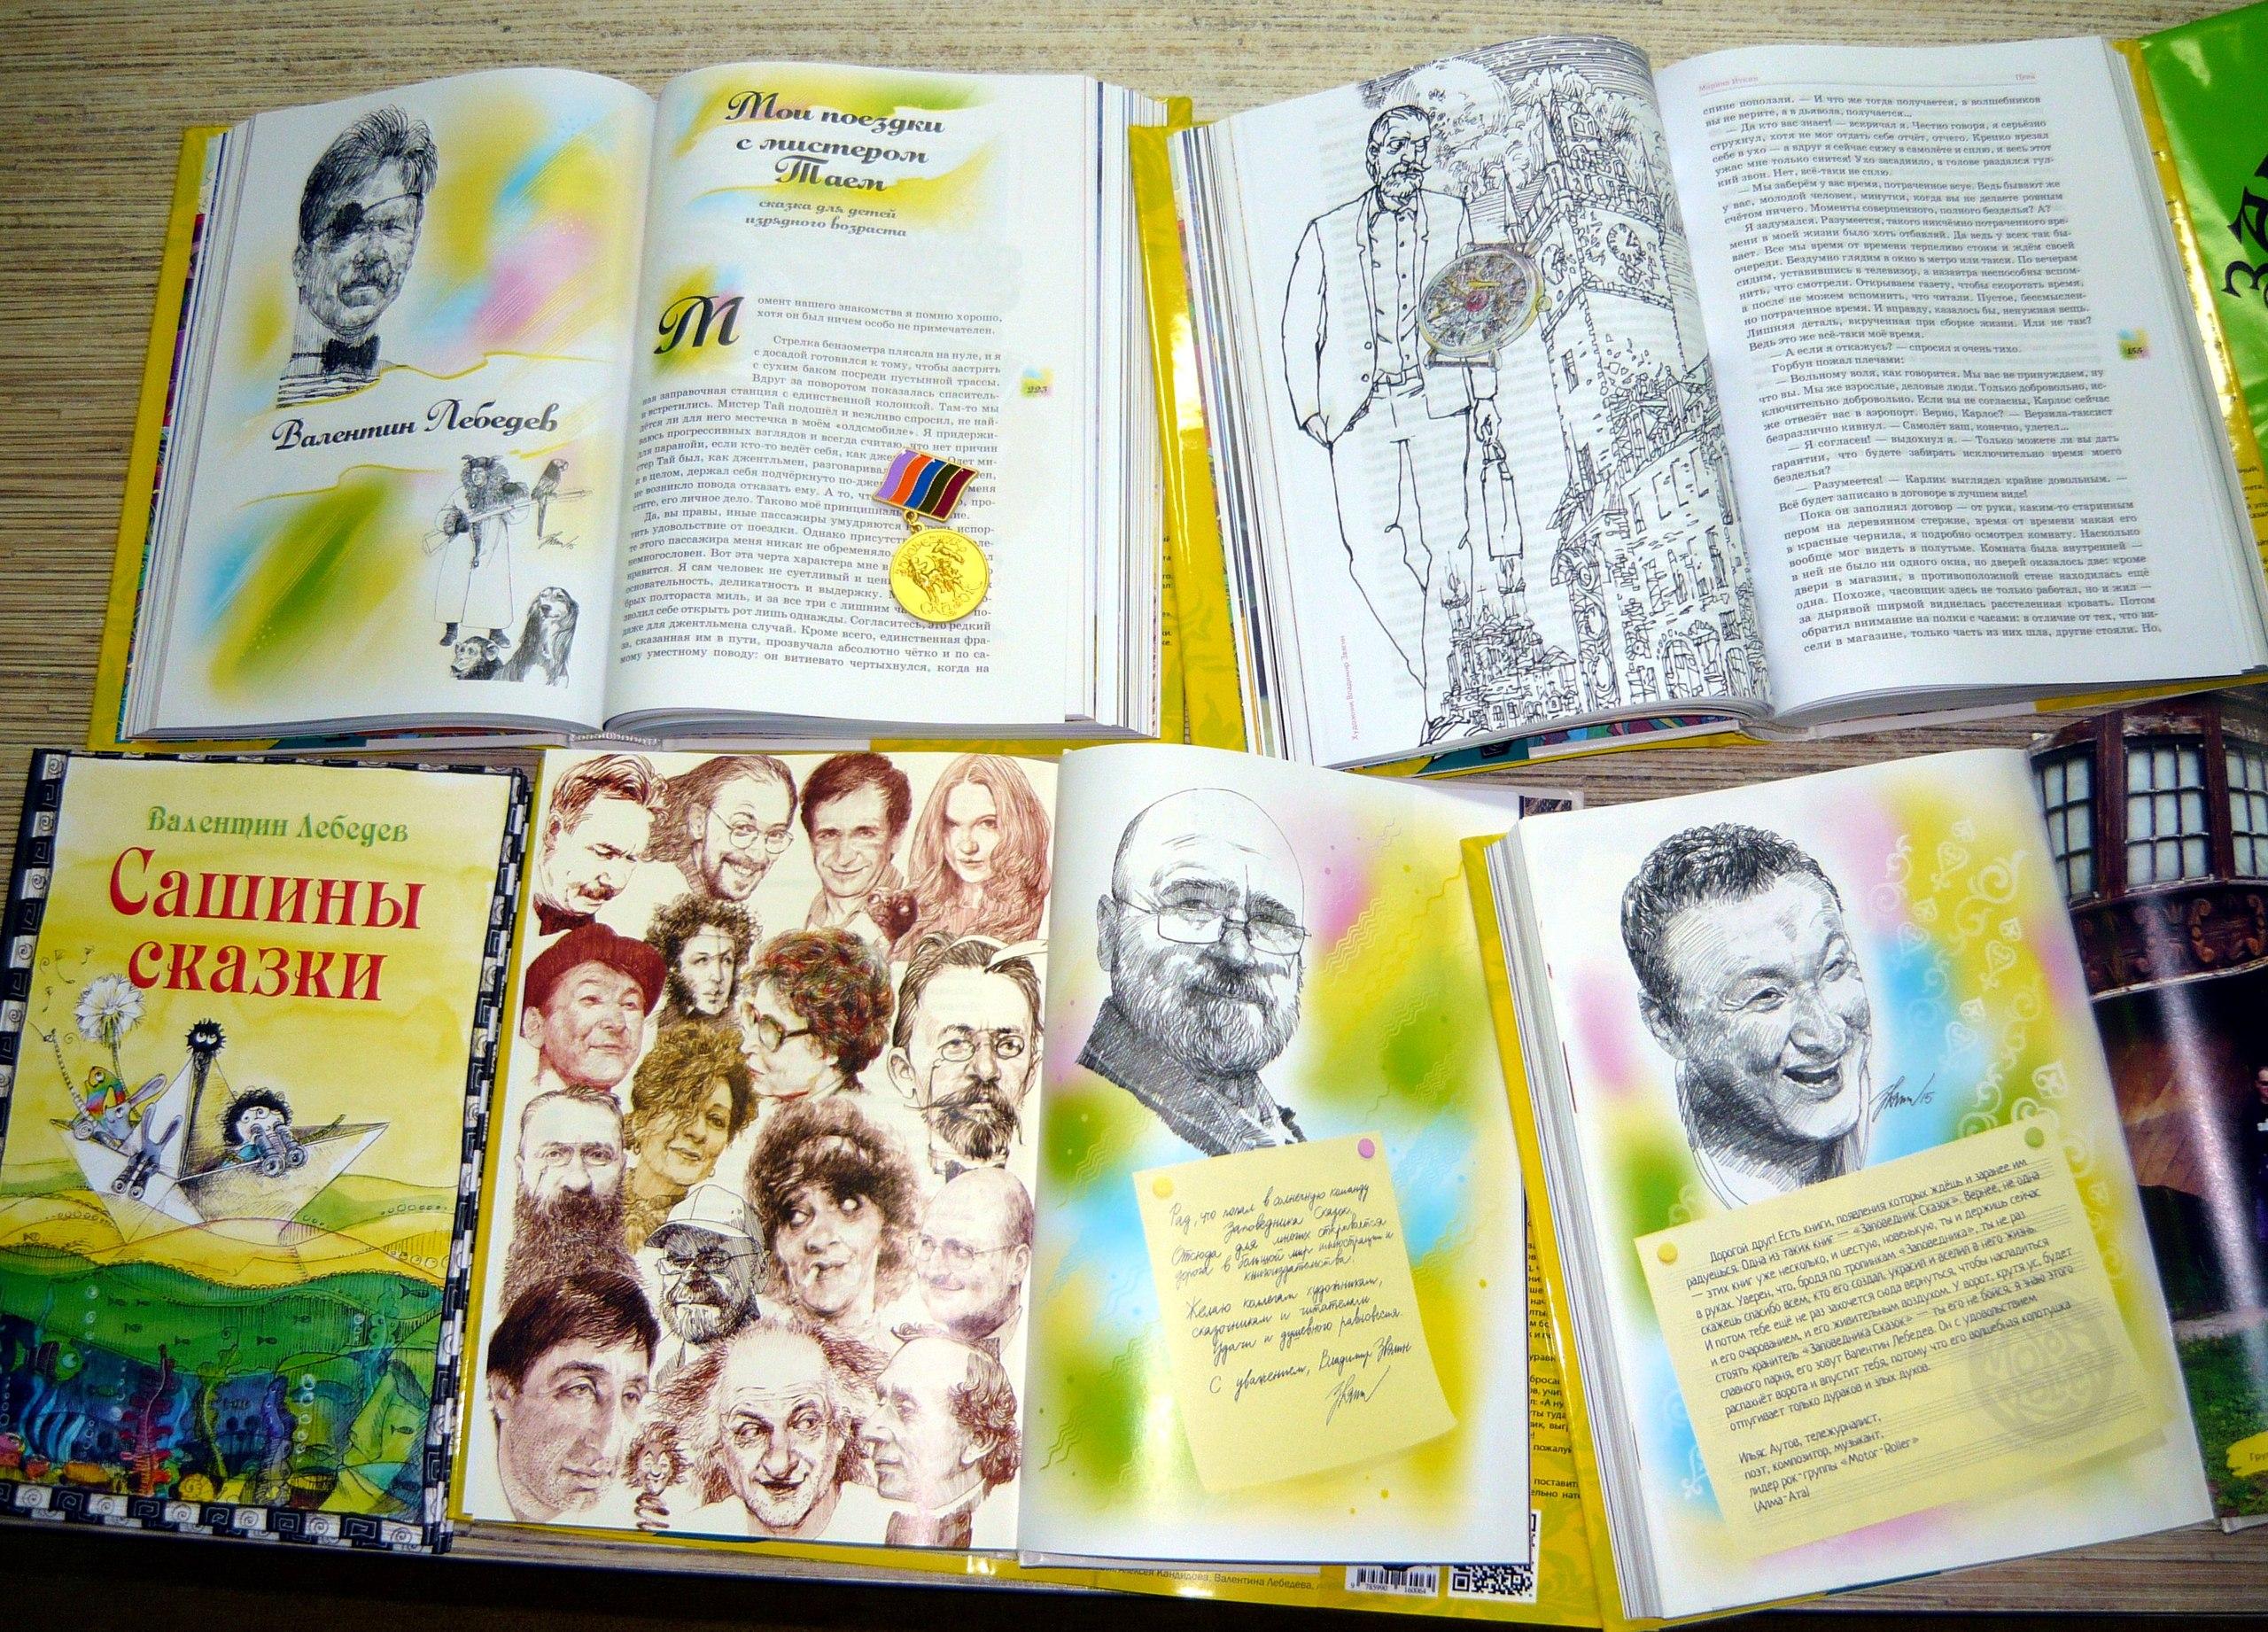 Иллюстрации художников в книгах серии «Заповедник сказок»